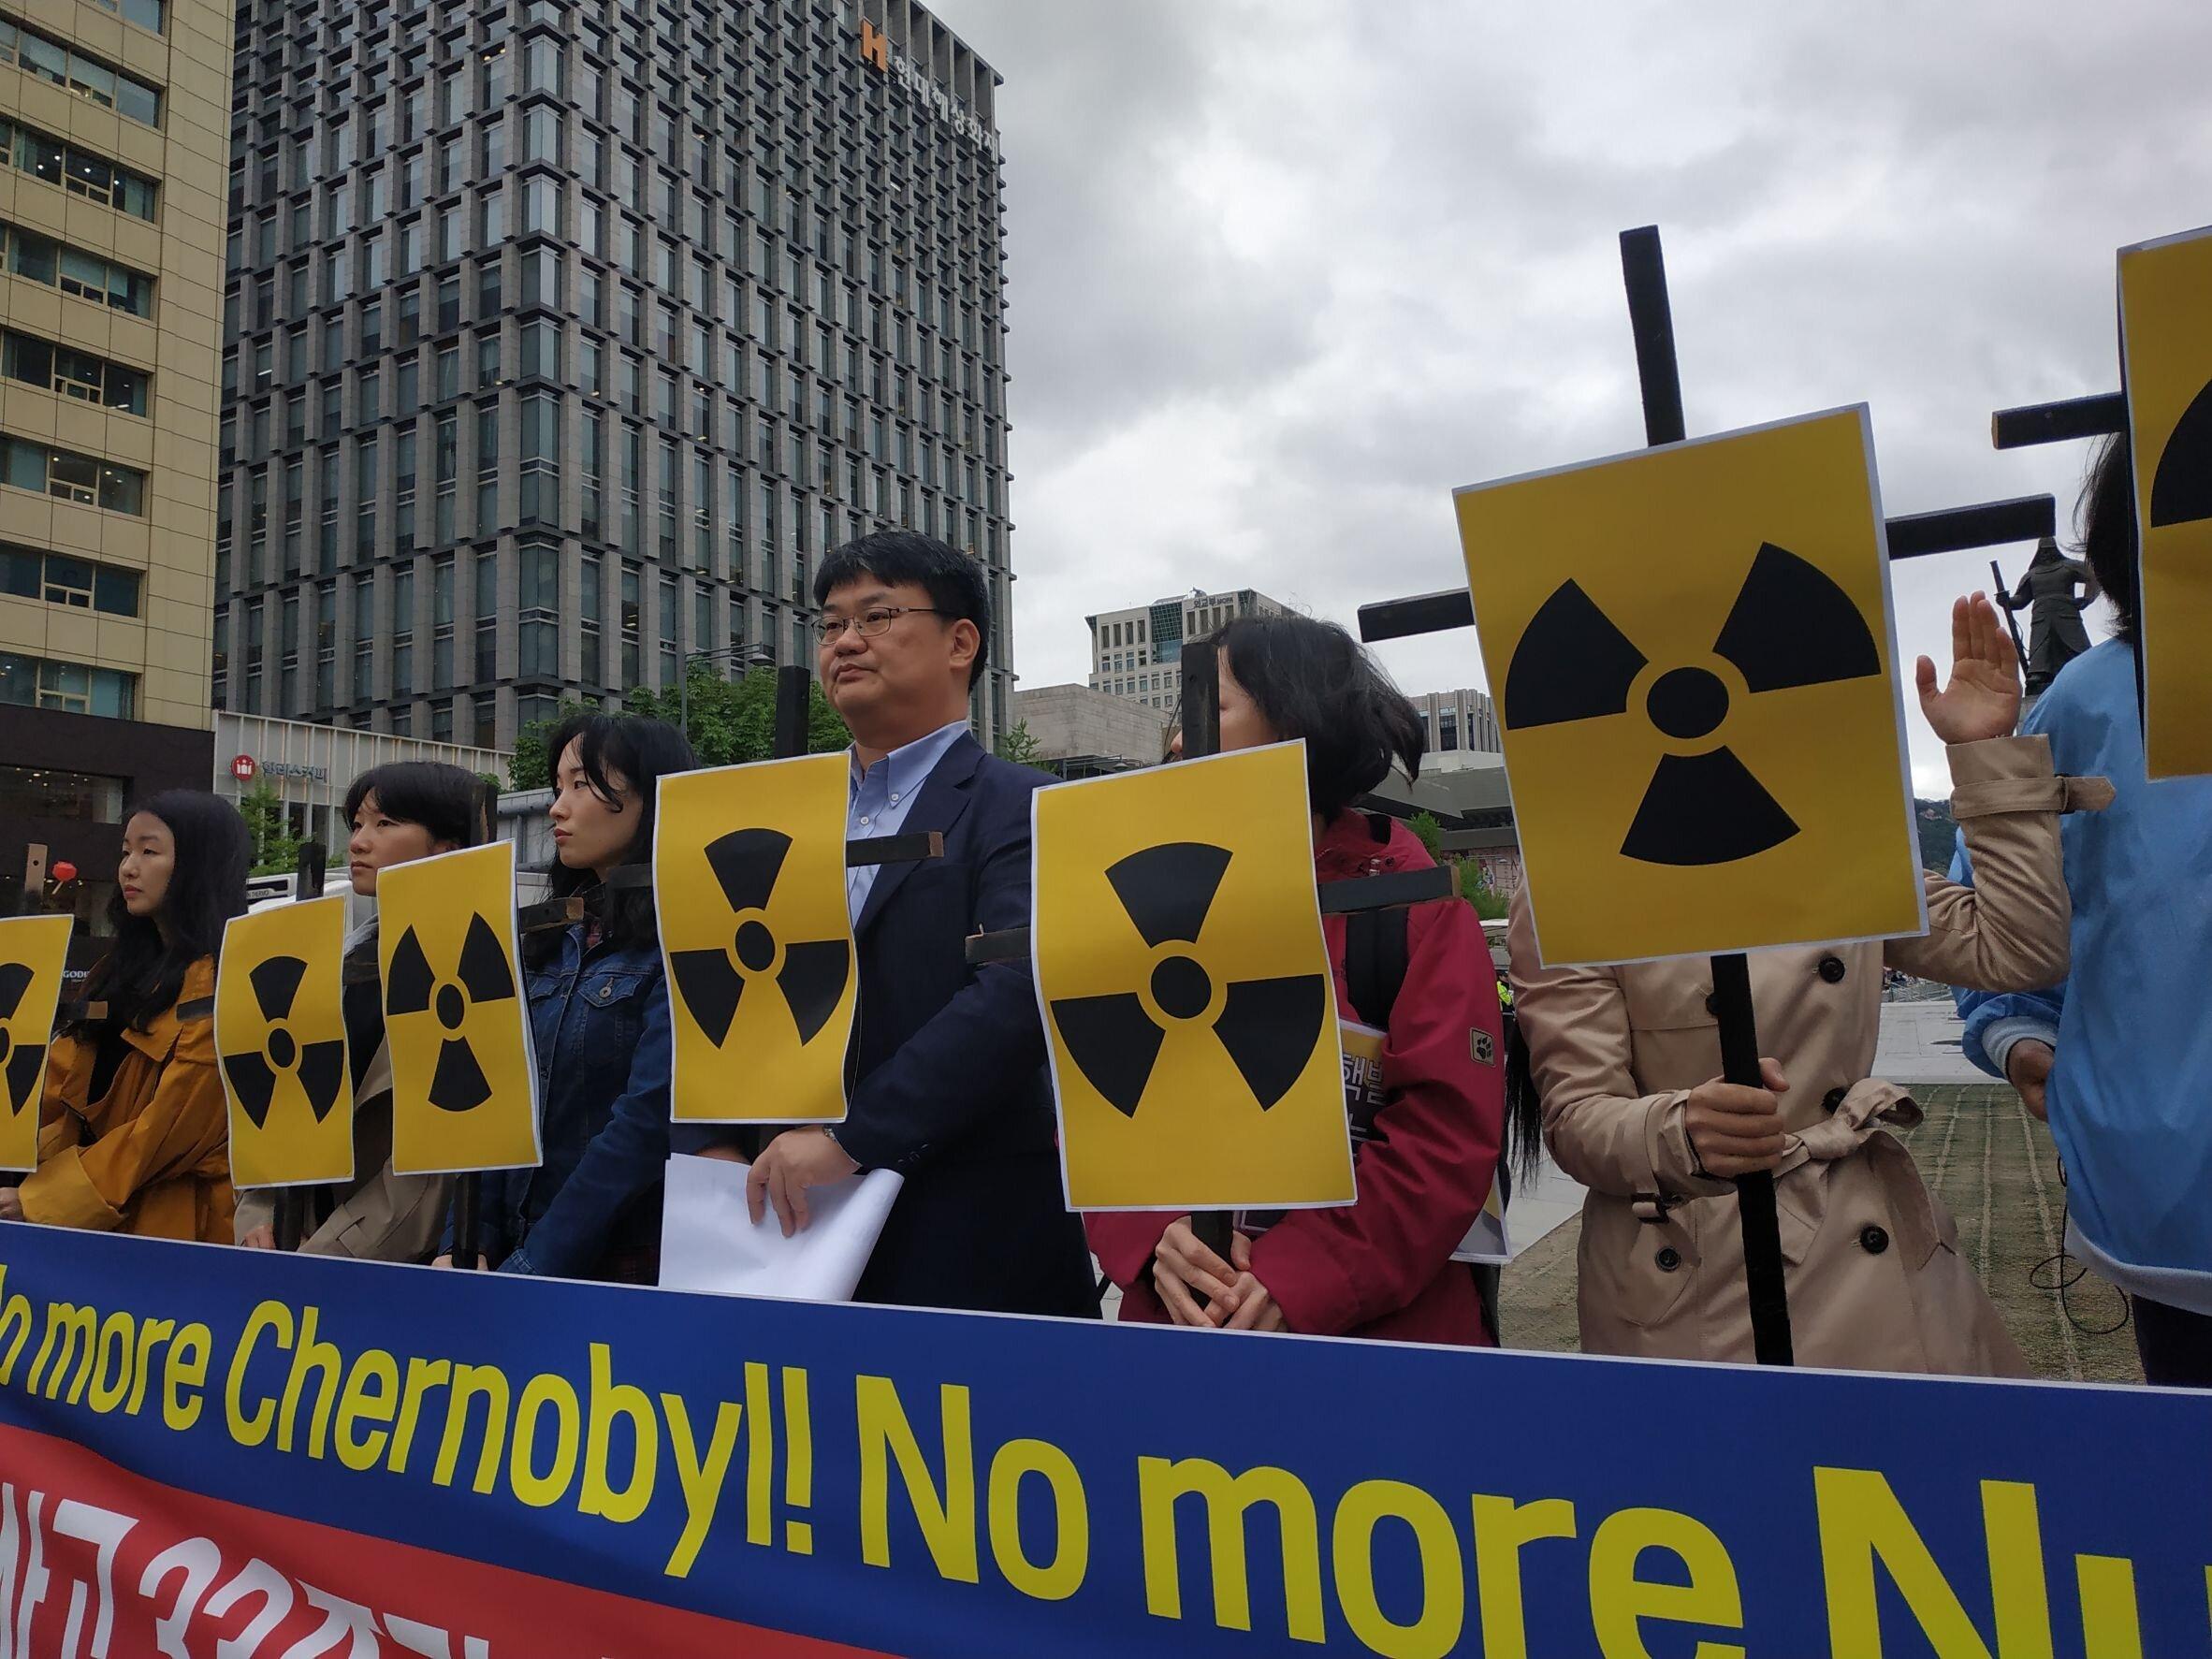 '후쿠시마 농수산물 안전' 주장한 한국원자력학회가